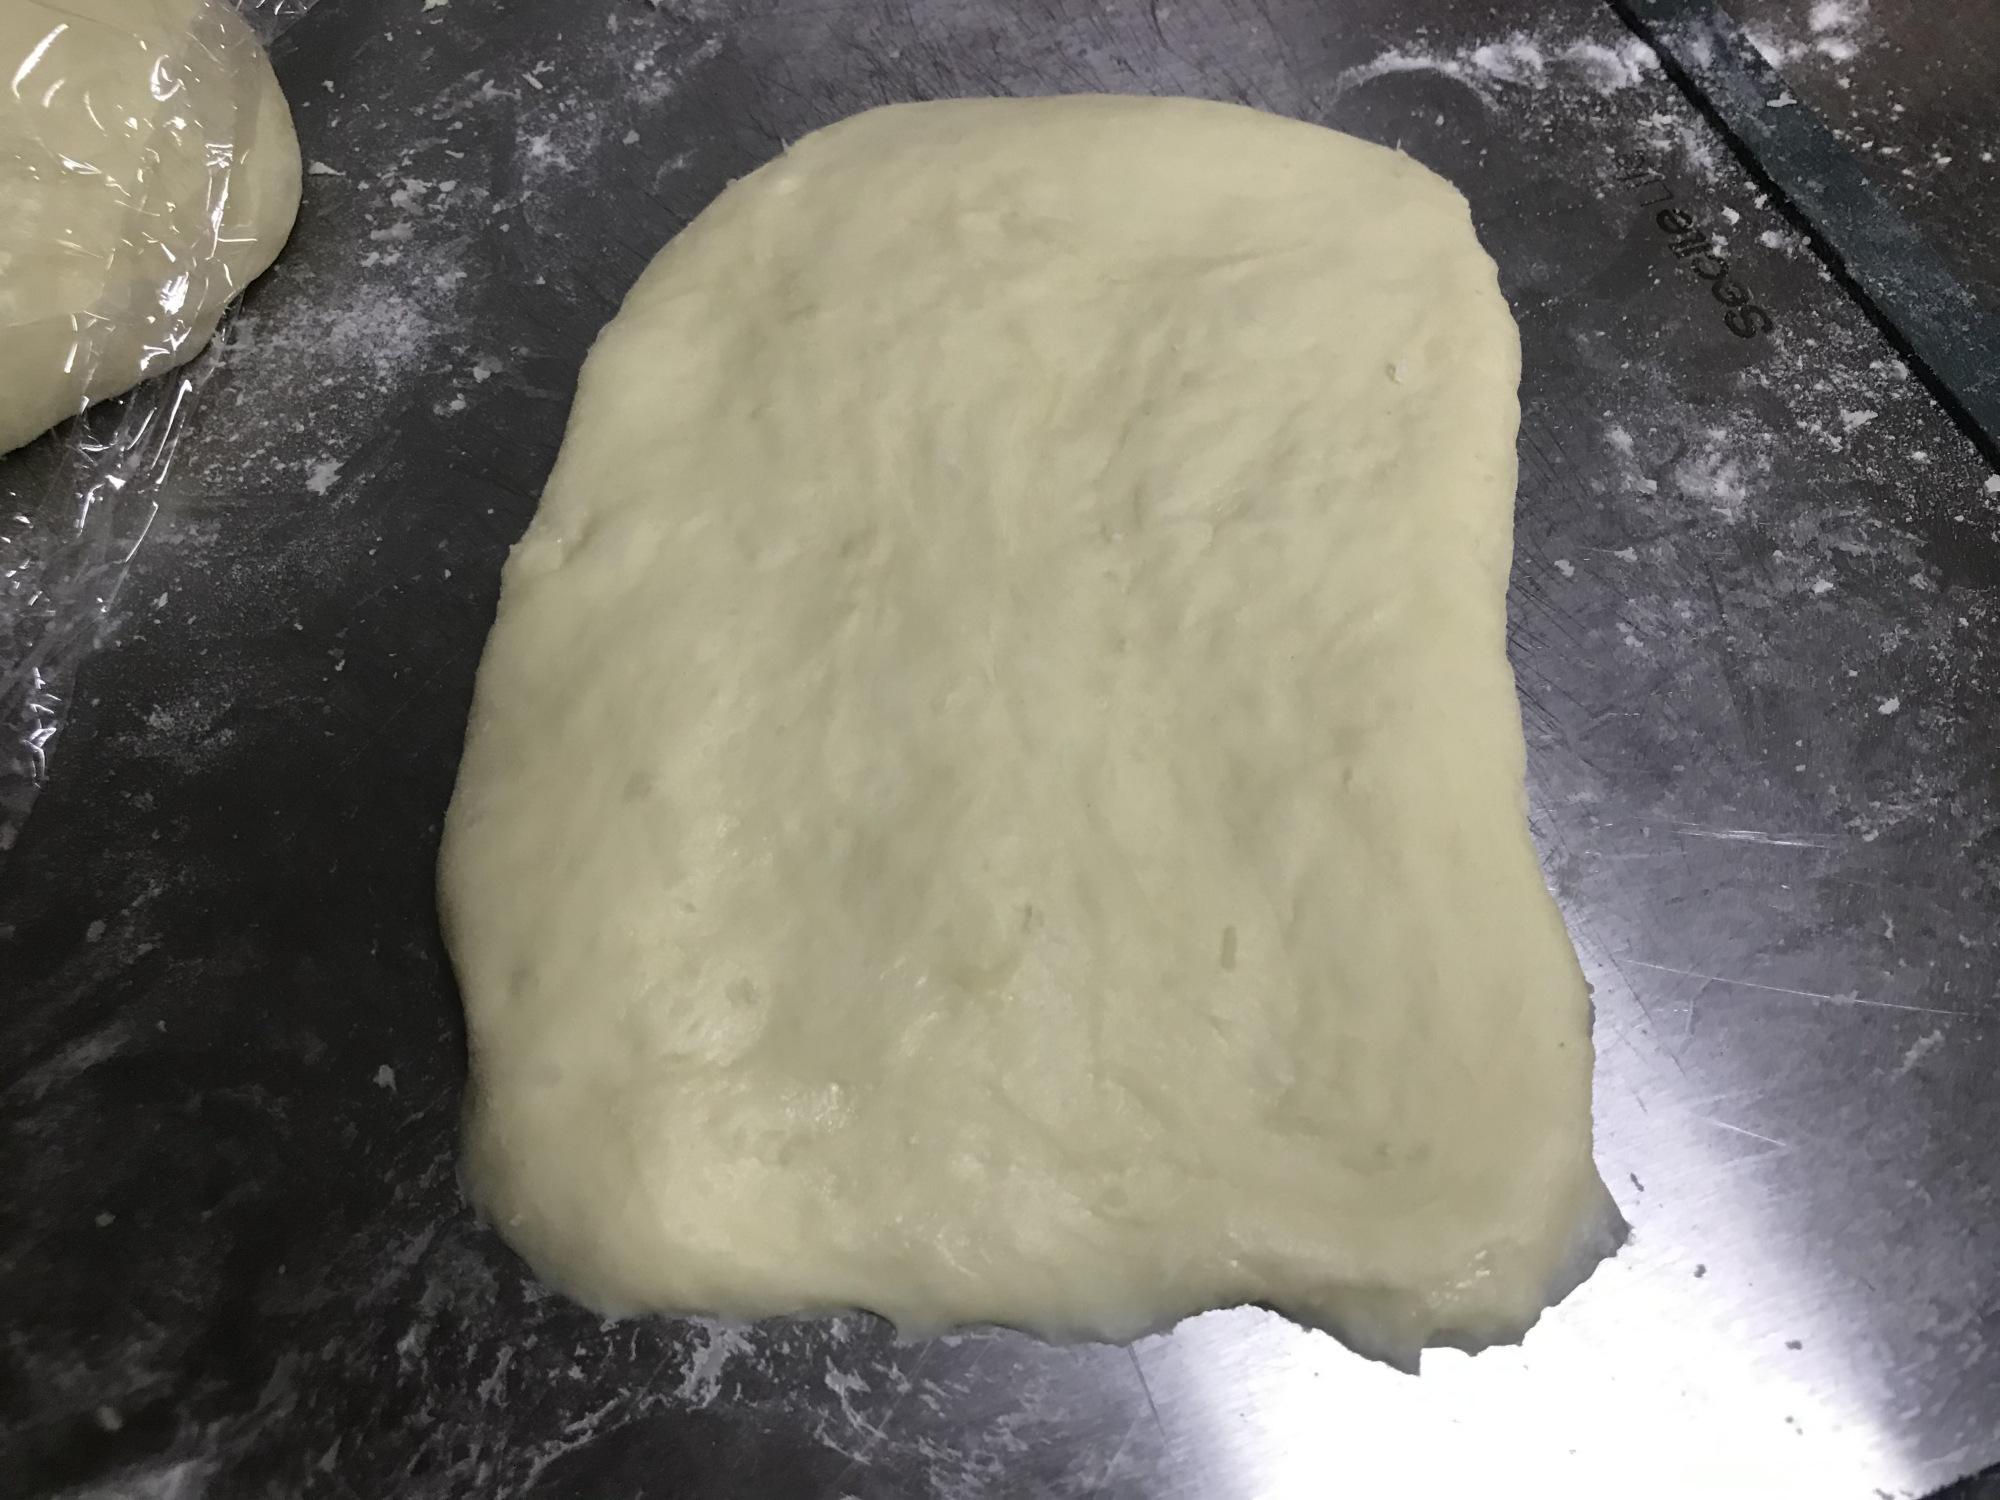 超愛用的麵包配方,只因多加了它,麵包更蓬鬆暄軟,放3天也不硬